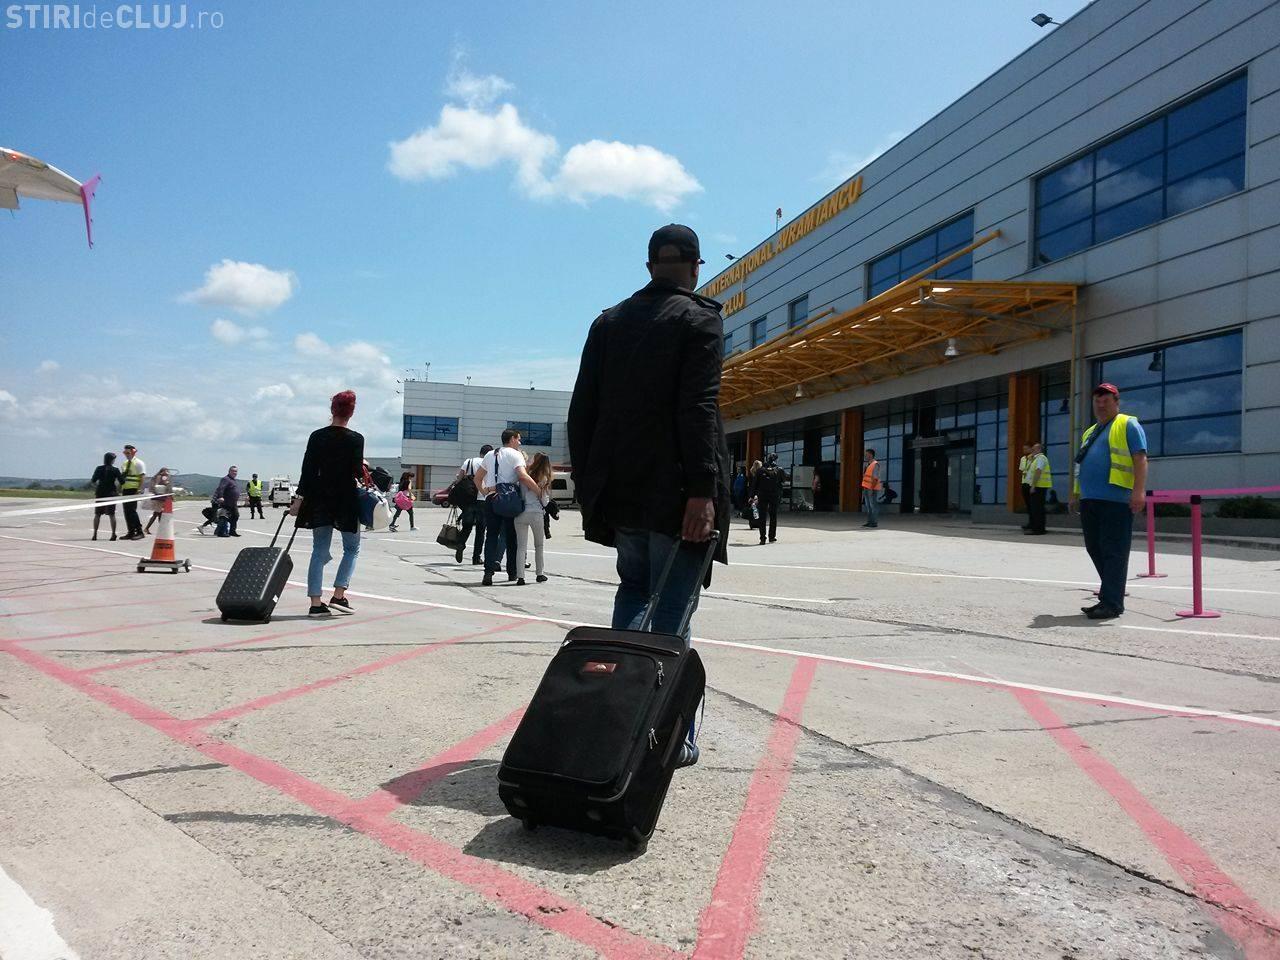 Ce zboruri turistice vor fi de la Cluj, în 2018. Prețurile ar scădea, dacă am avea o pistă mai lungă - VIDEO